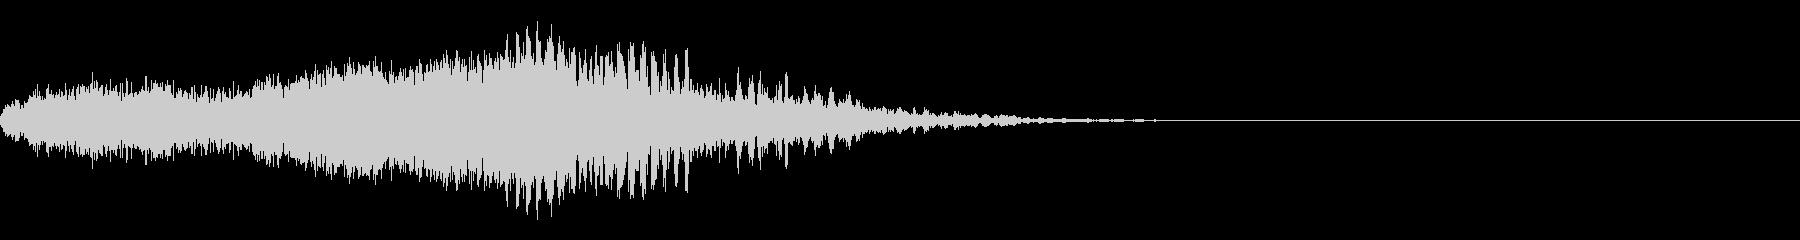 スパーク音-38の未再生の波形